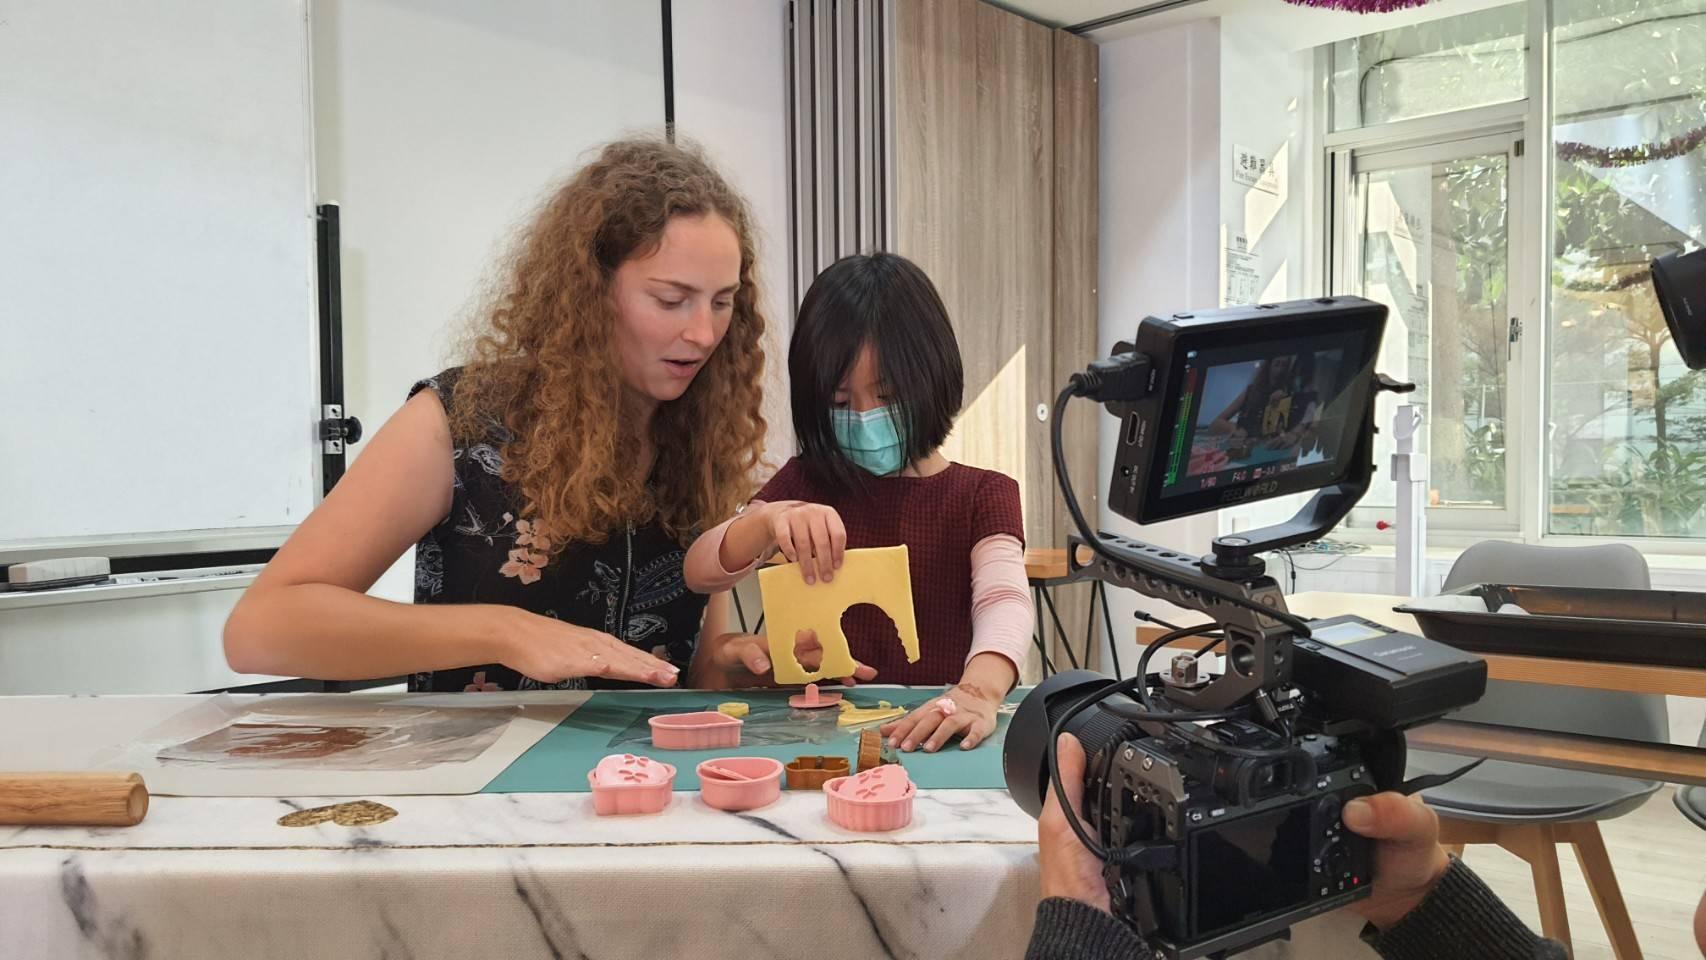 星澤國際-讓世界都看見-電視專訪節目-瑞軒國際教育中心-游祈盛與楊含容監督製作